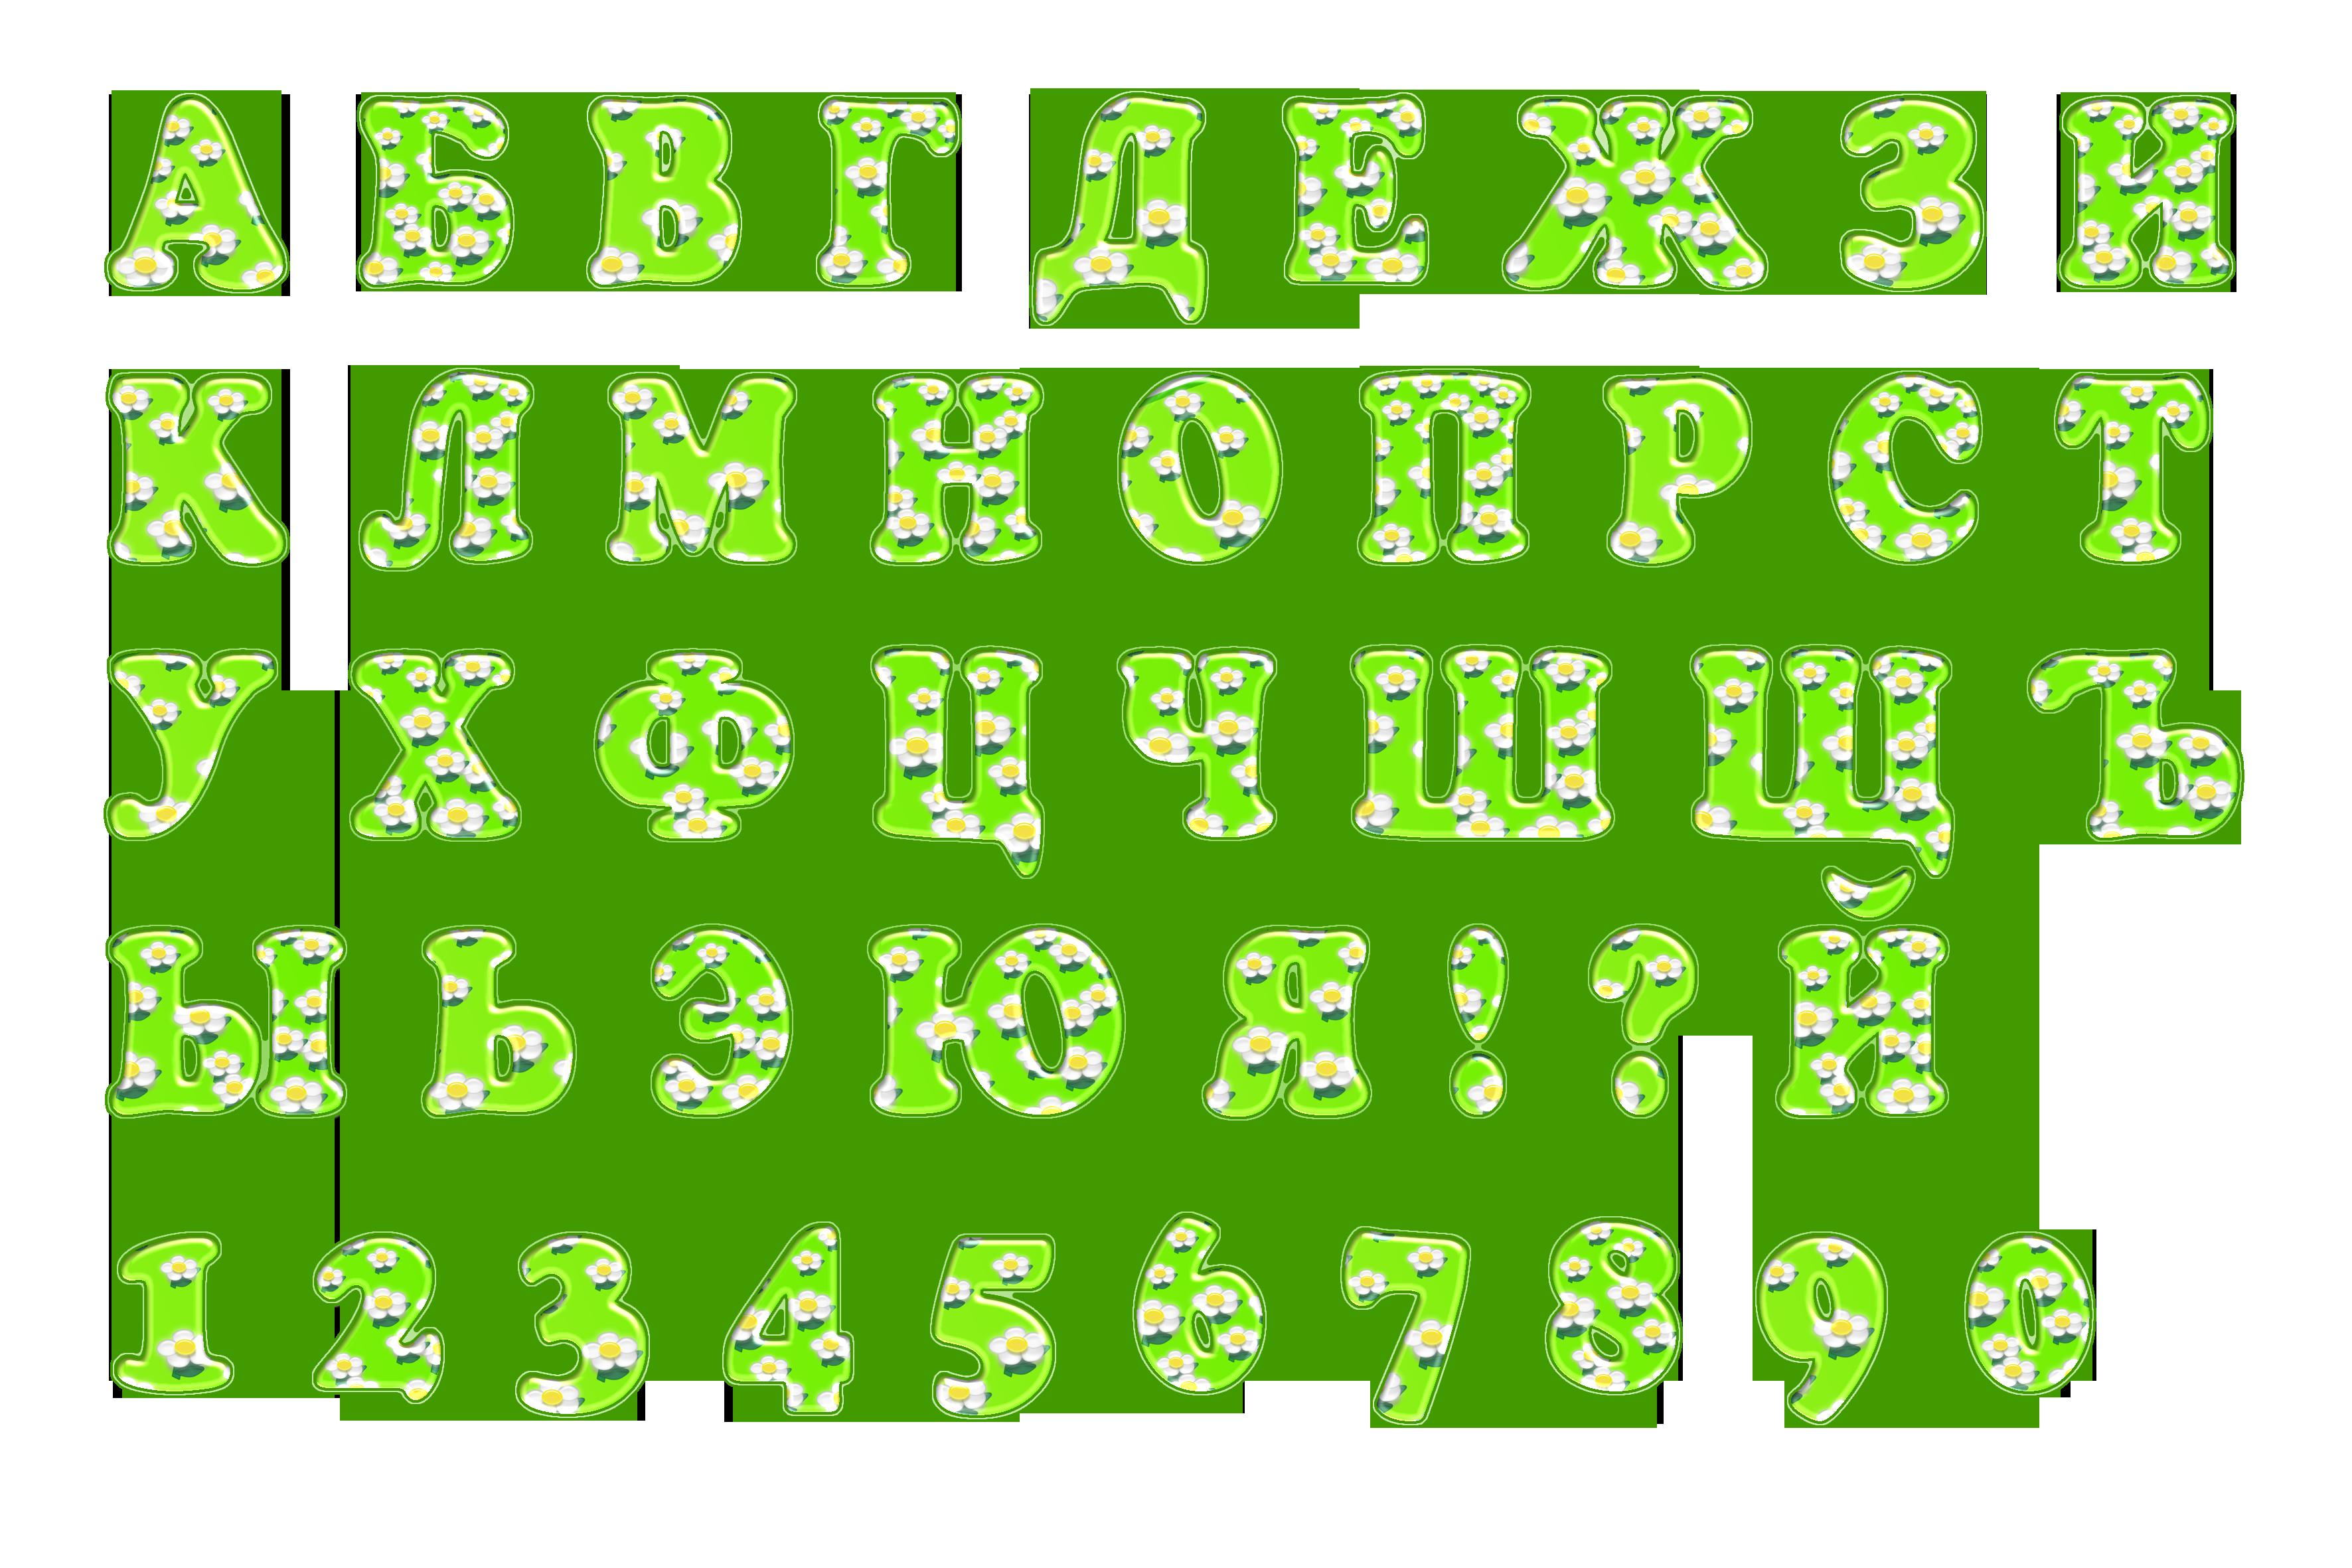 истории крупным шрифтом фото слово рисунок цоколя другими